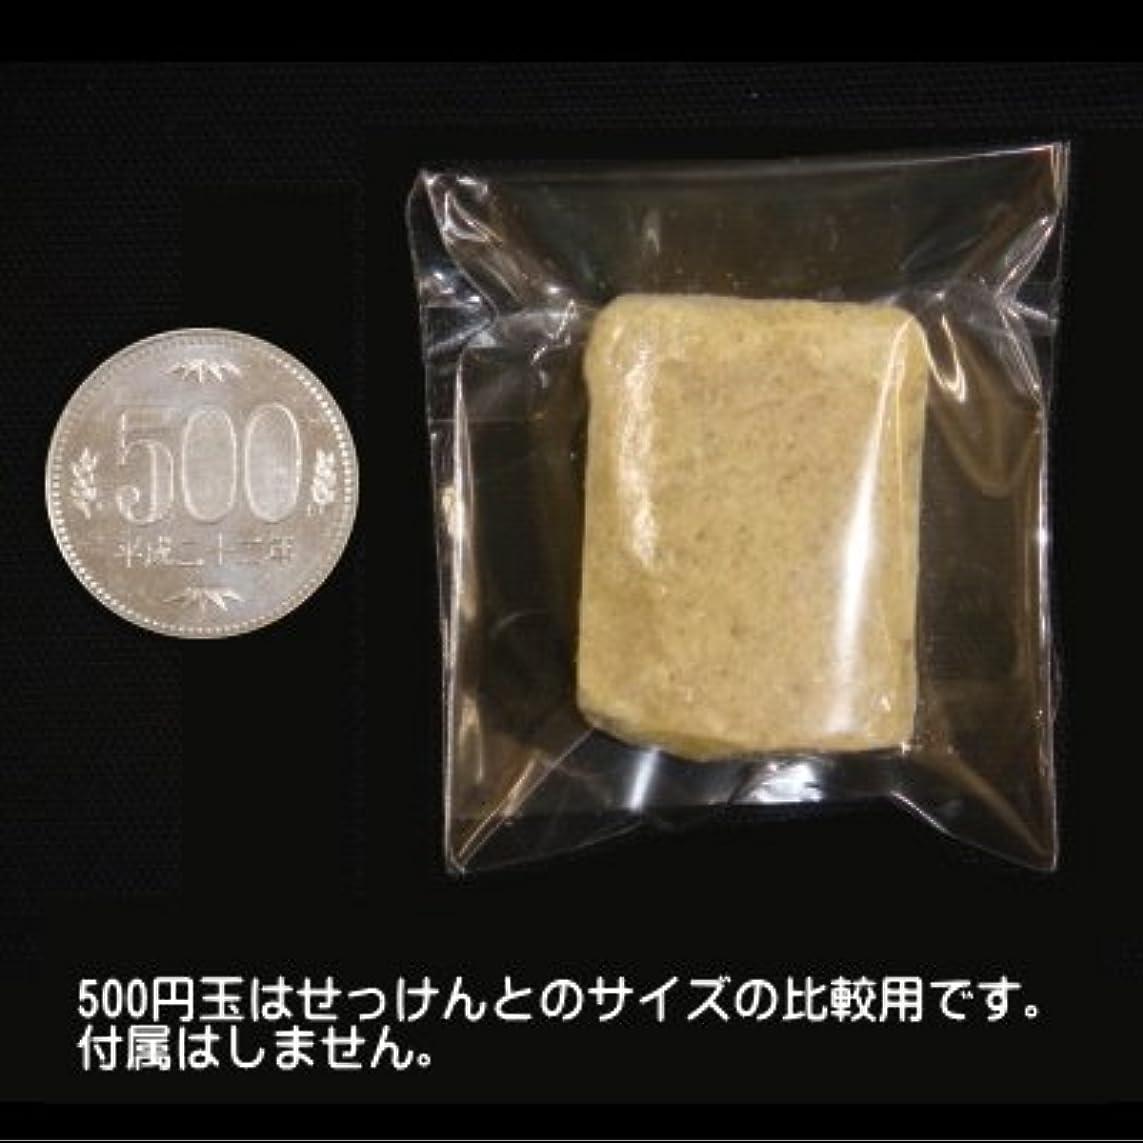 適応的視聴者競う緑茶ノニ石鹸 てづくり野にせっけんお試し用12g(無添加石鹸)